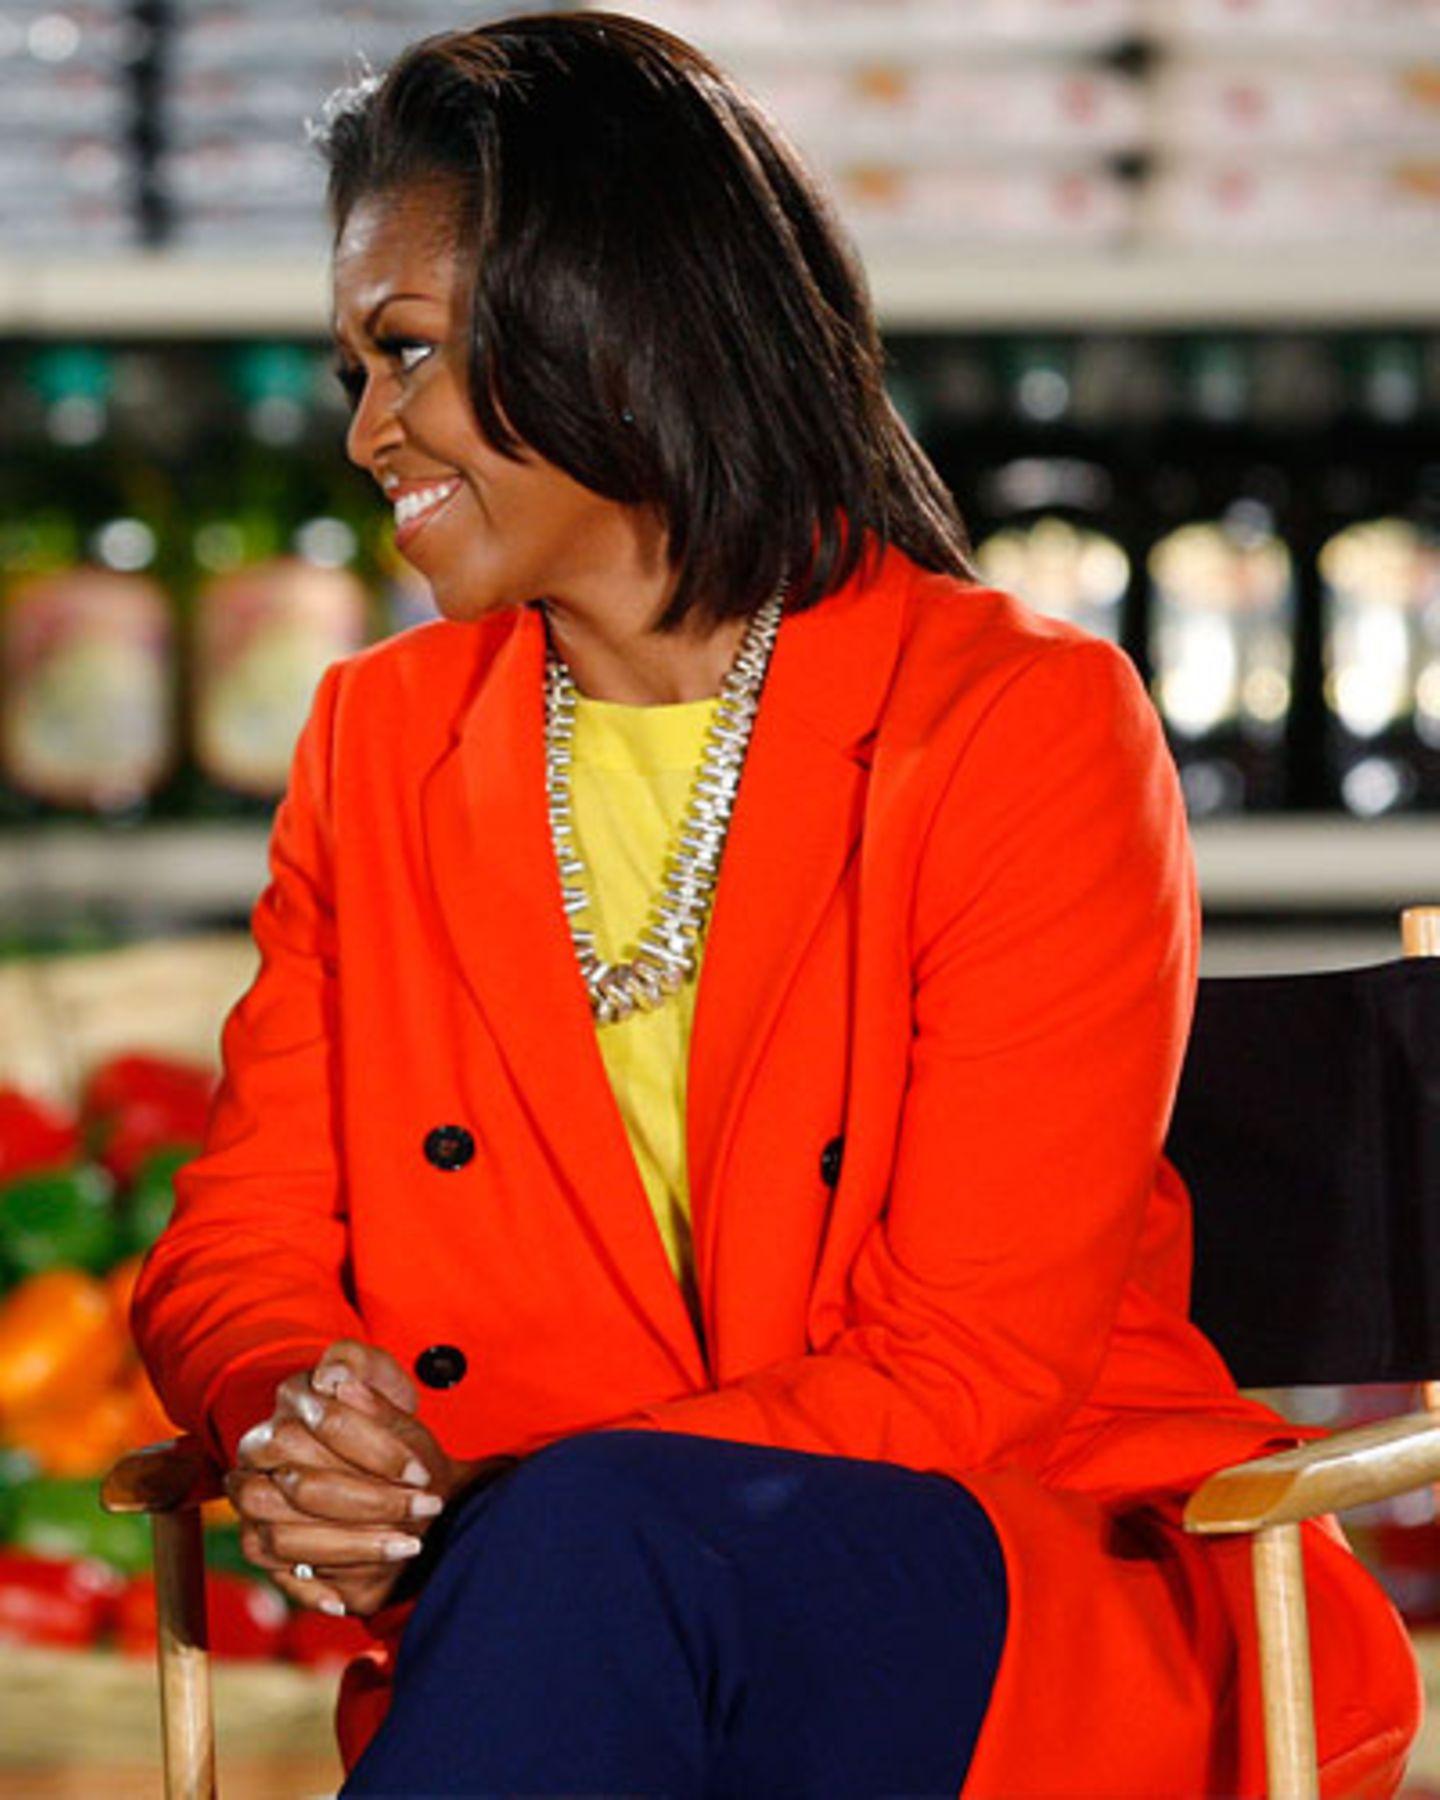 Was für ein Farb-Match! Für Color-Blocking muss man ein Händchen haben - Michelle hat es. Hier im knallroten Long-Blazer mit gelbem Shirt und dunkelblauer Marlenehose während einer Forumsdiskussion in Kalifornien.